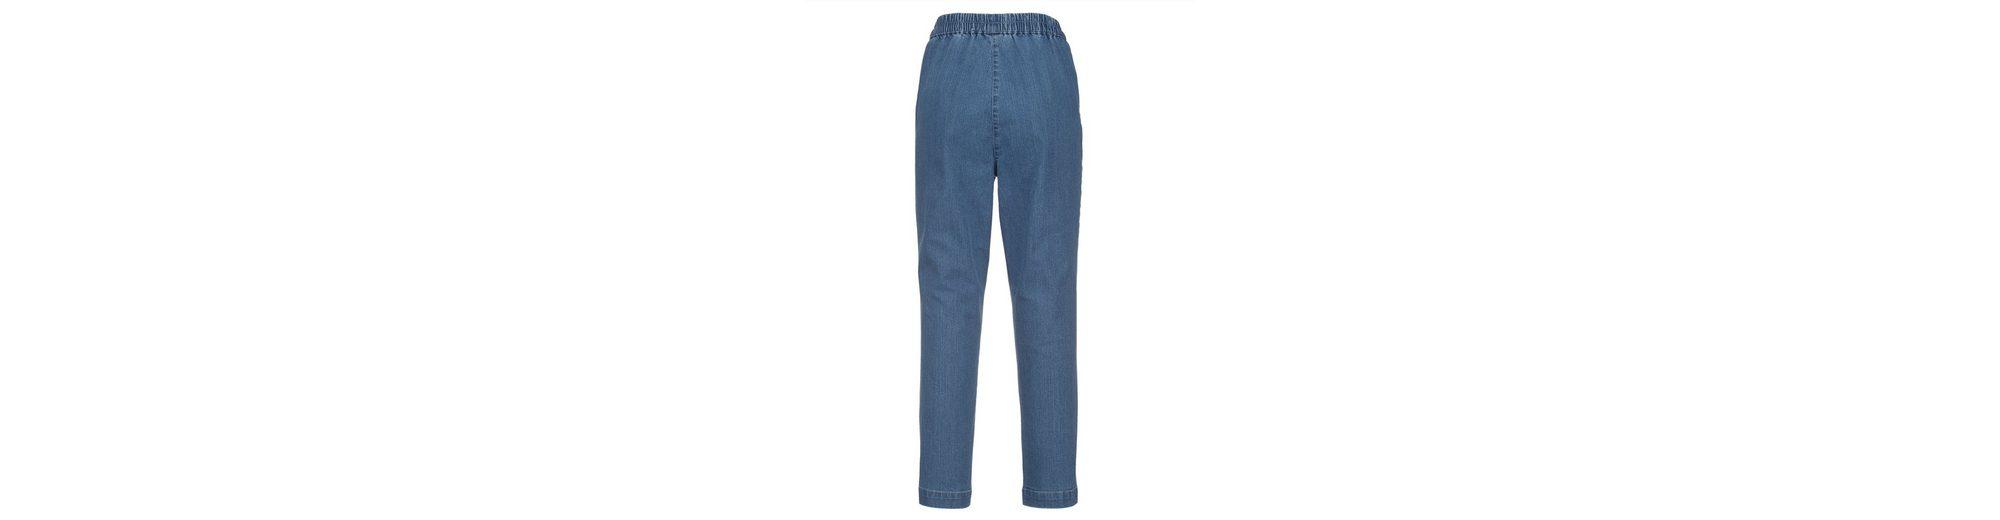 Billig Verkaufen Gefälschte Verkauf Für Billig MIAMODA Capri-Jeans in komfortabler Schlupfform Niedriger Preis Versandkosten Für Online o6Q9iUu